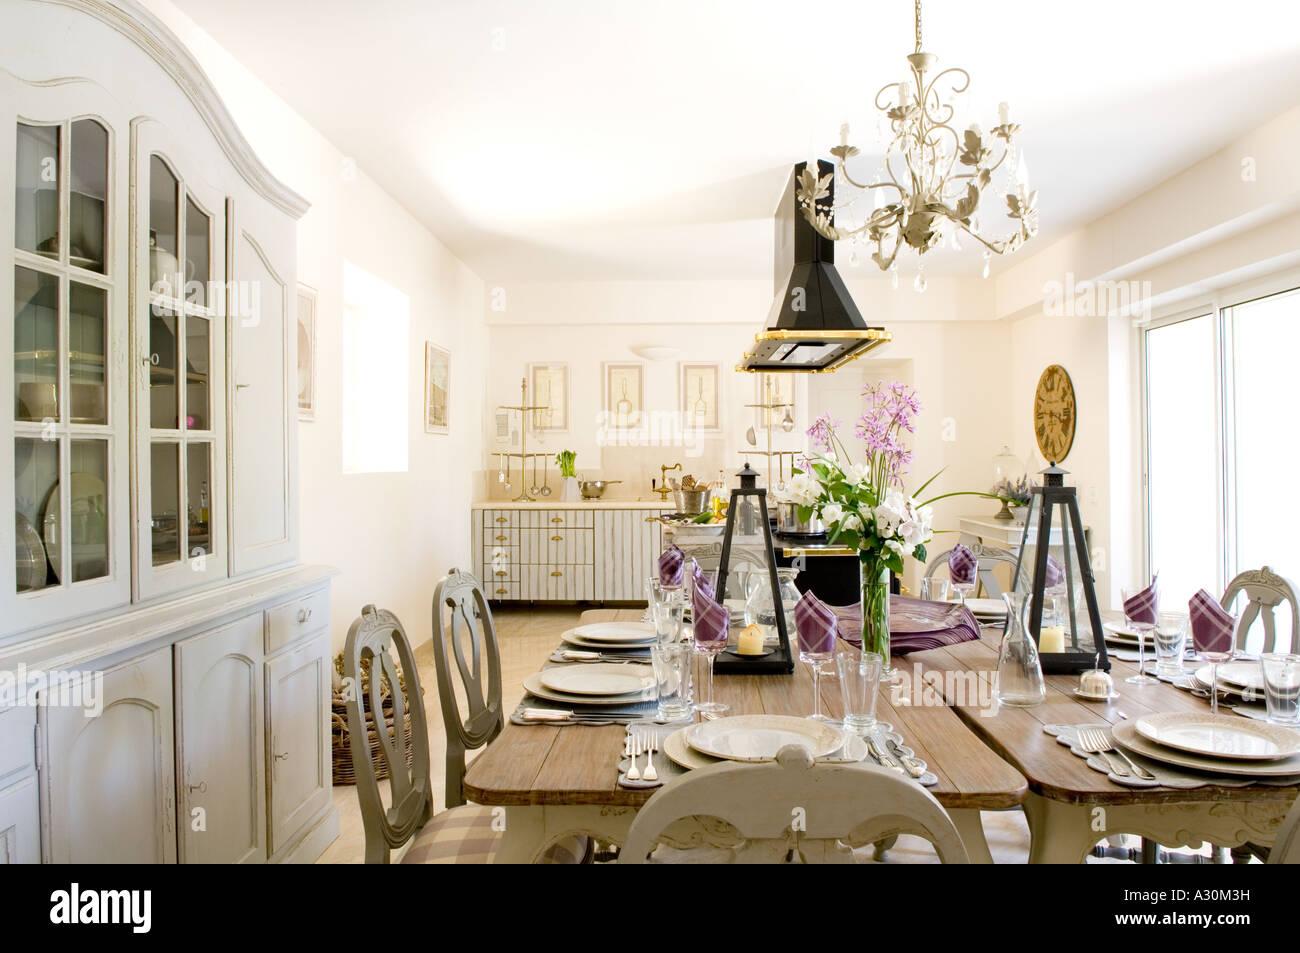 Cuisine avec table double Chandelier avec couverts prêt à manger Photo Stock